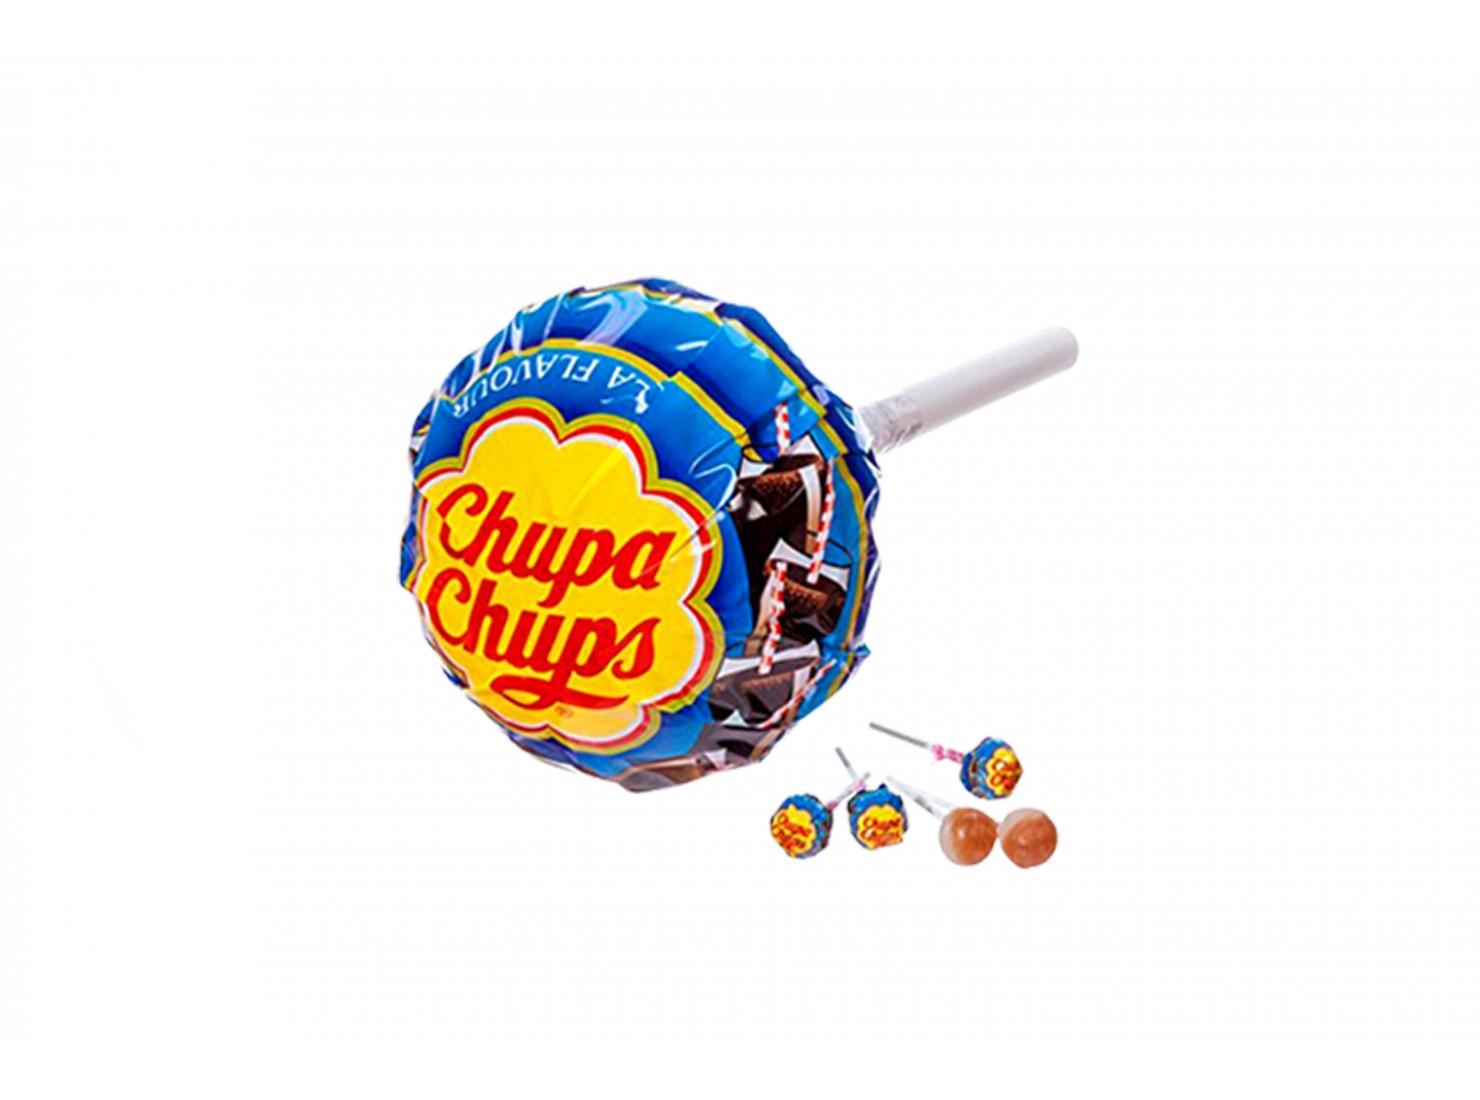 CHUPA SUPER CHUPS COLA